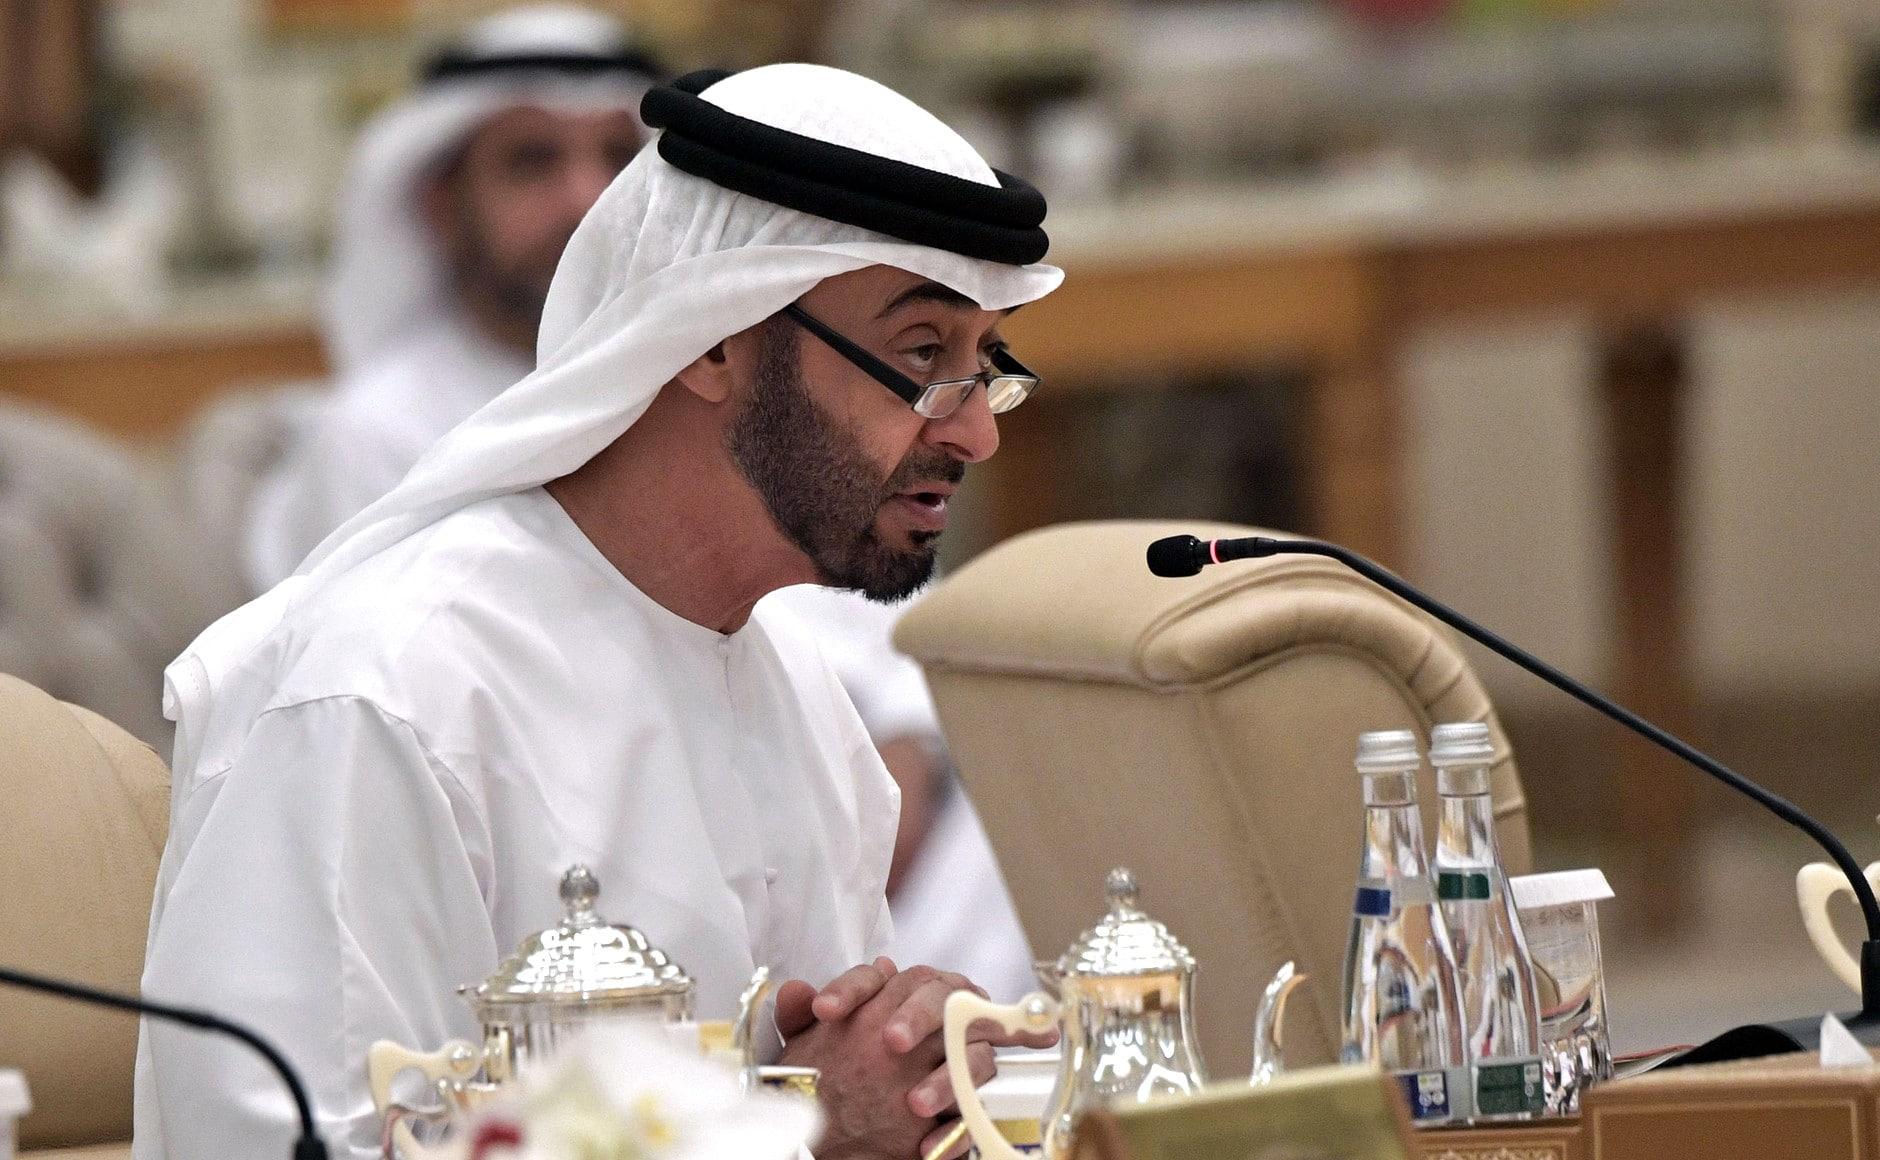 ناشط قطري يسخر من عبدالخالق عبدالله بعد حديثه عن قيادة الإمارات للمنطقة حالياً